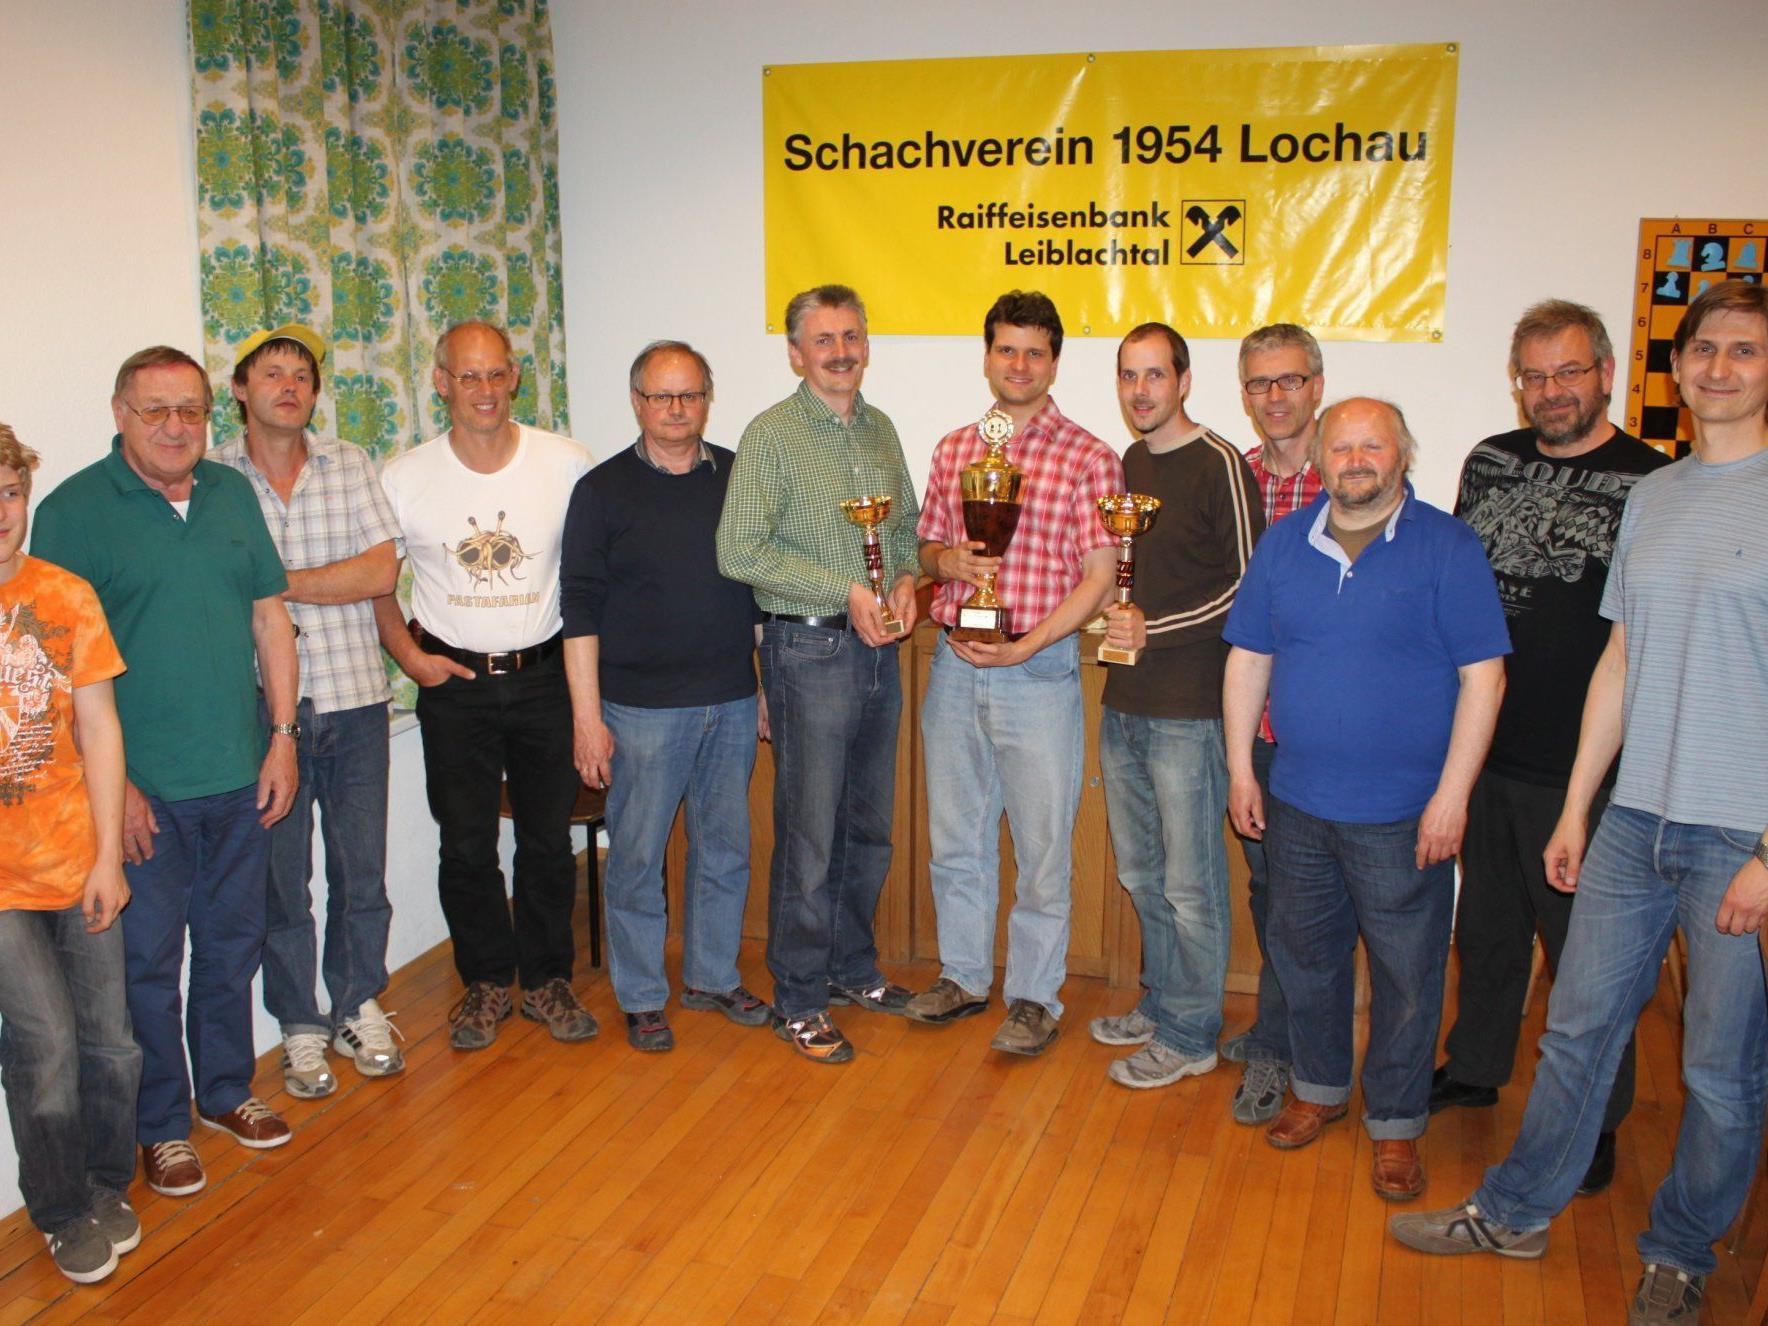 Siegerehrung der Lochauer Schach Vereinsmeisterschaft 2012 mit VM Jörg Holzmann.